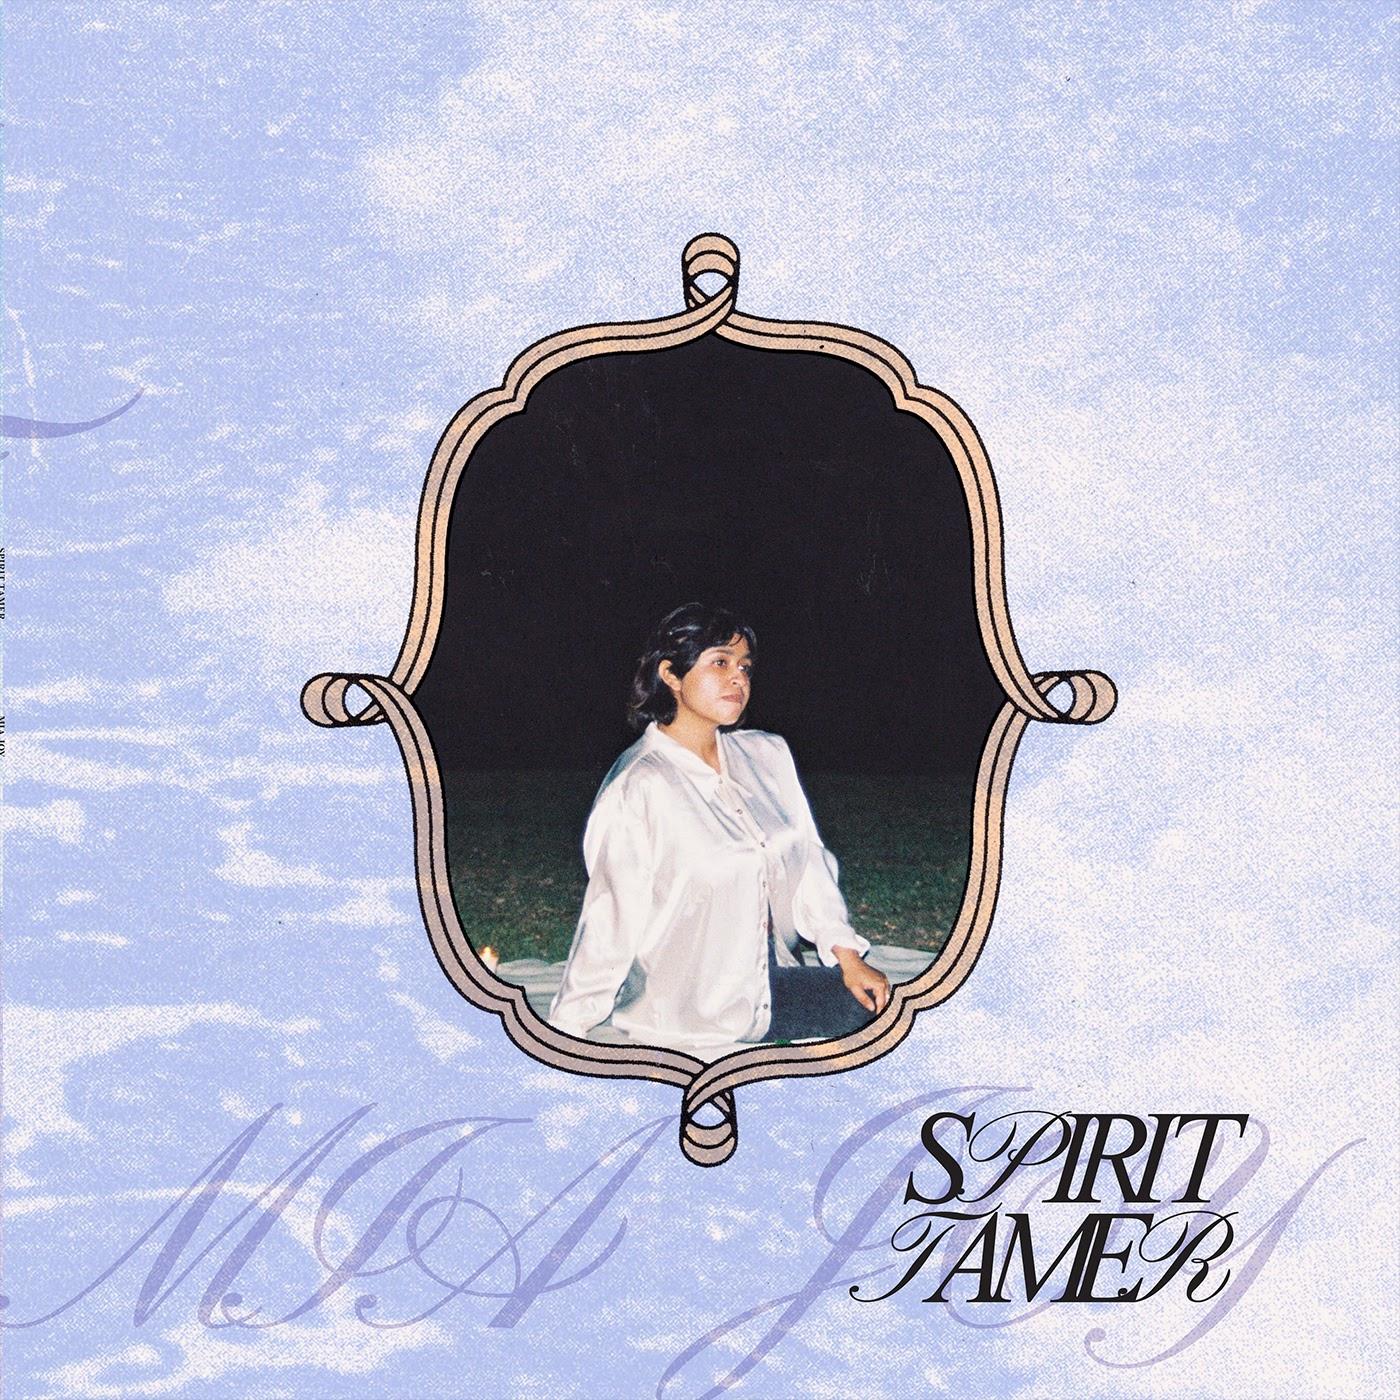 MIA JOY's SPIRIT TAMER COVER